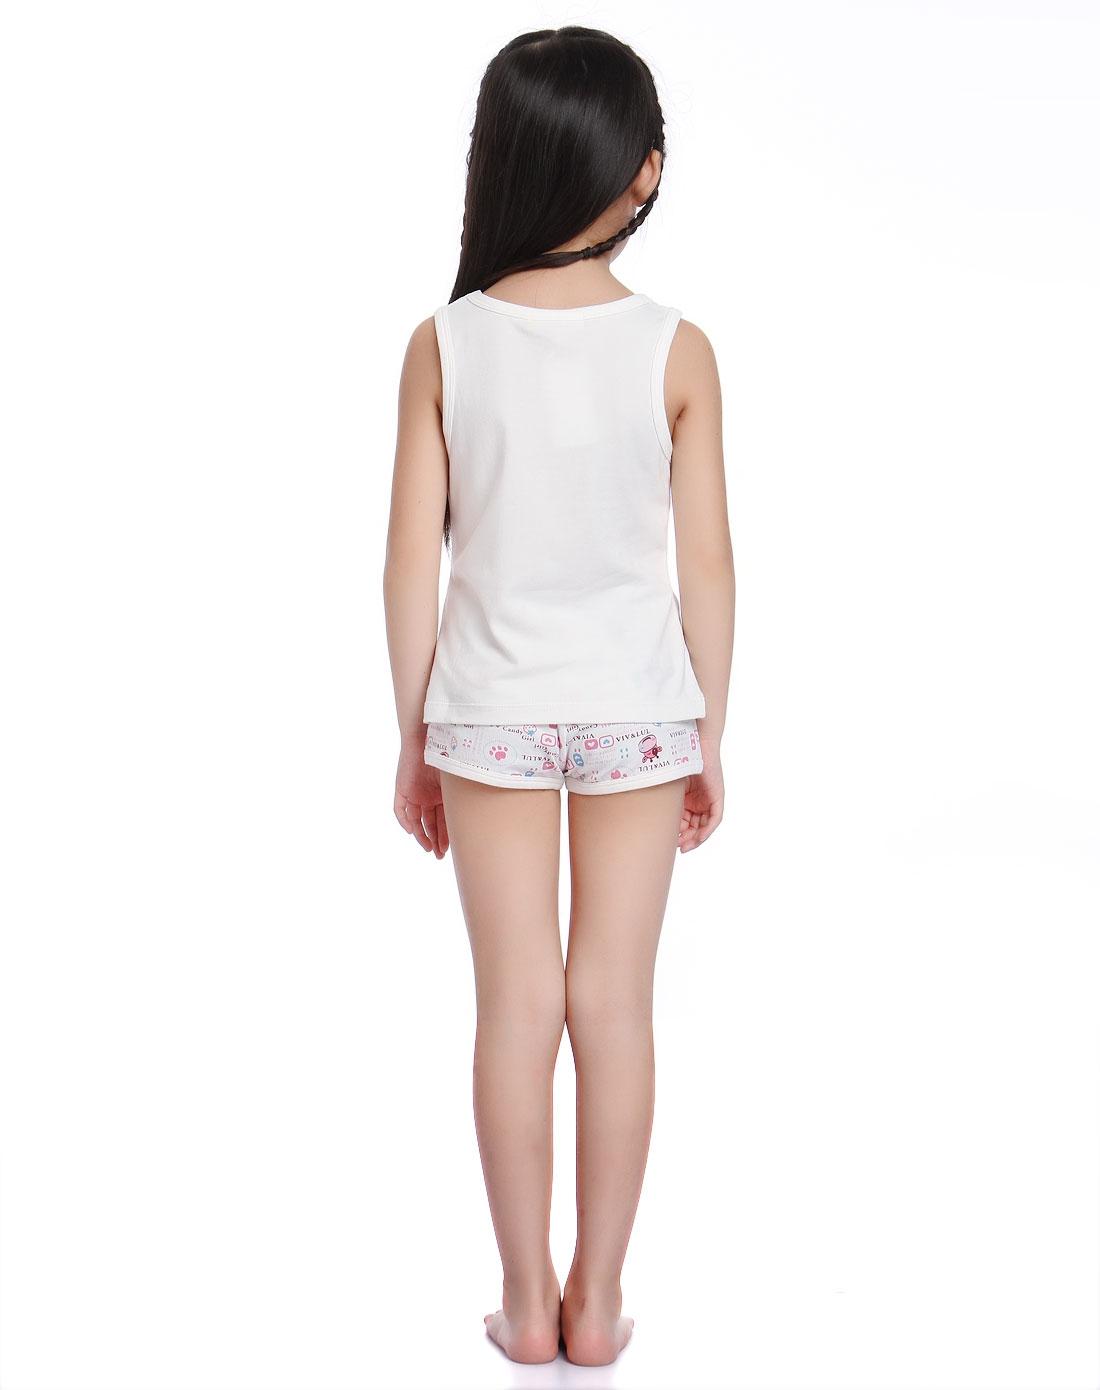 女童白底粉色可爱印花背心家居套装